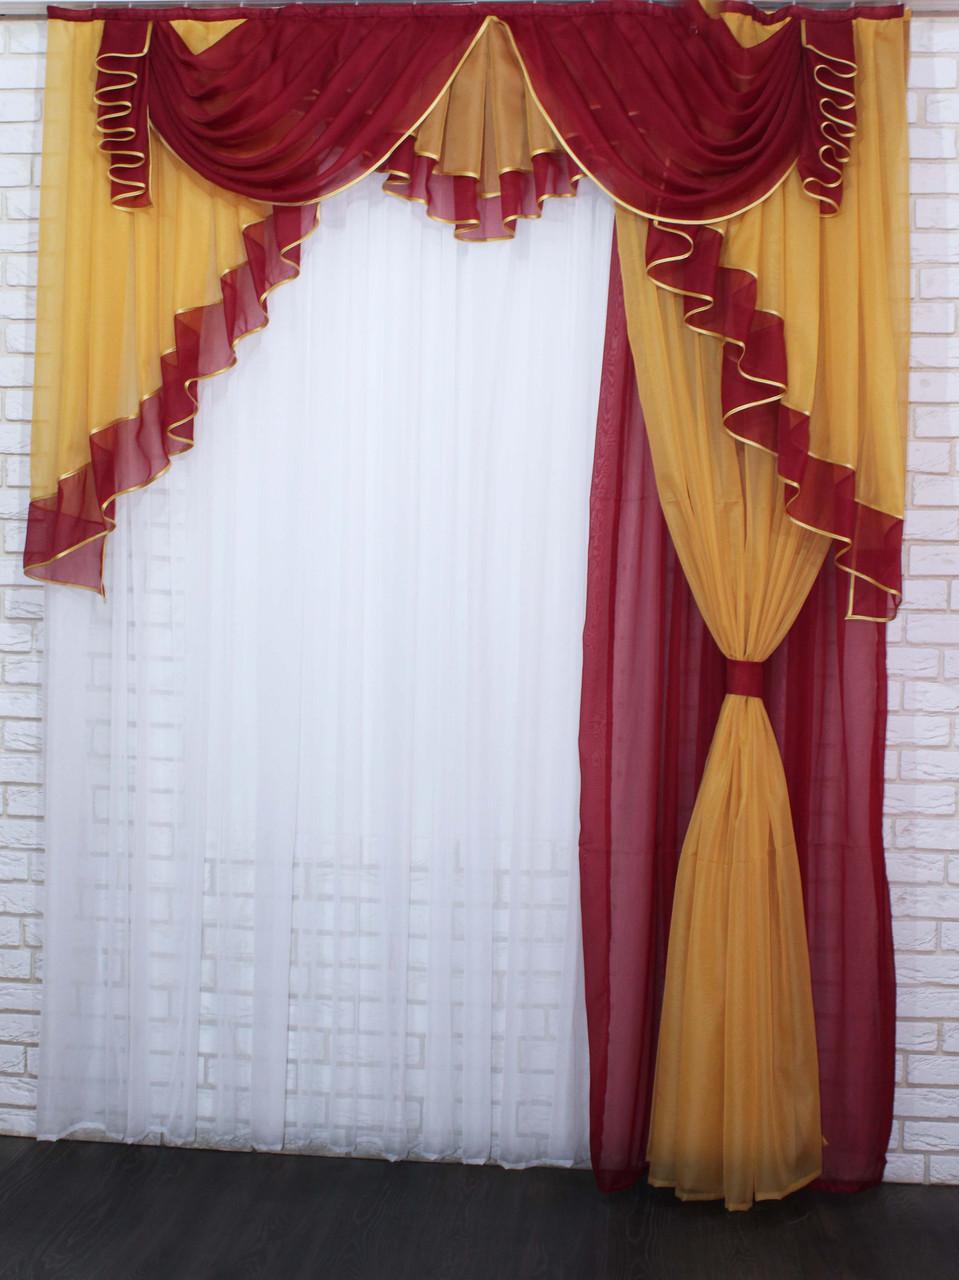 Ламбрекен с шторкой на карниз 2м. №107 Цвет бордовый с янтарным